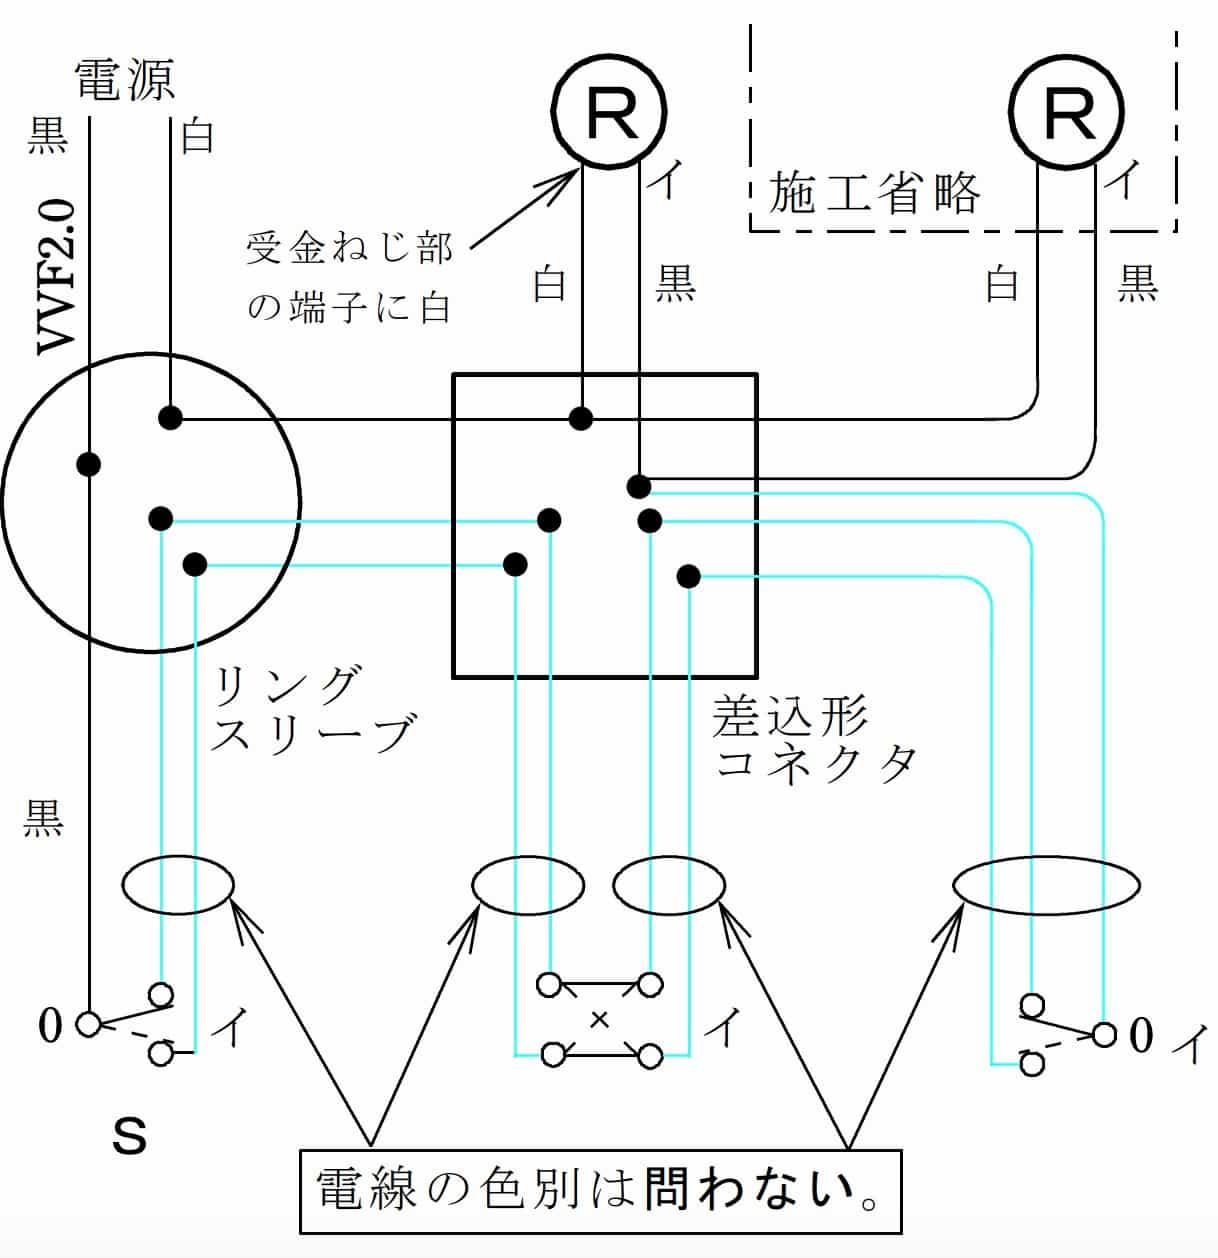 第二種電気工事士の技能試験の候補問題No.7の複線図